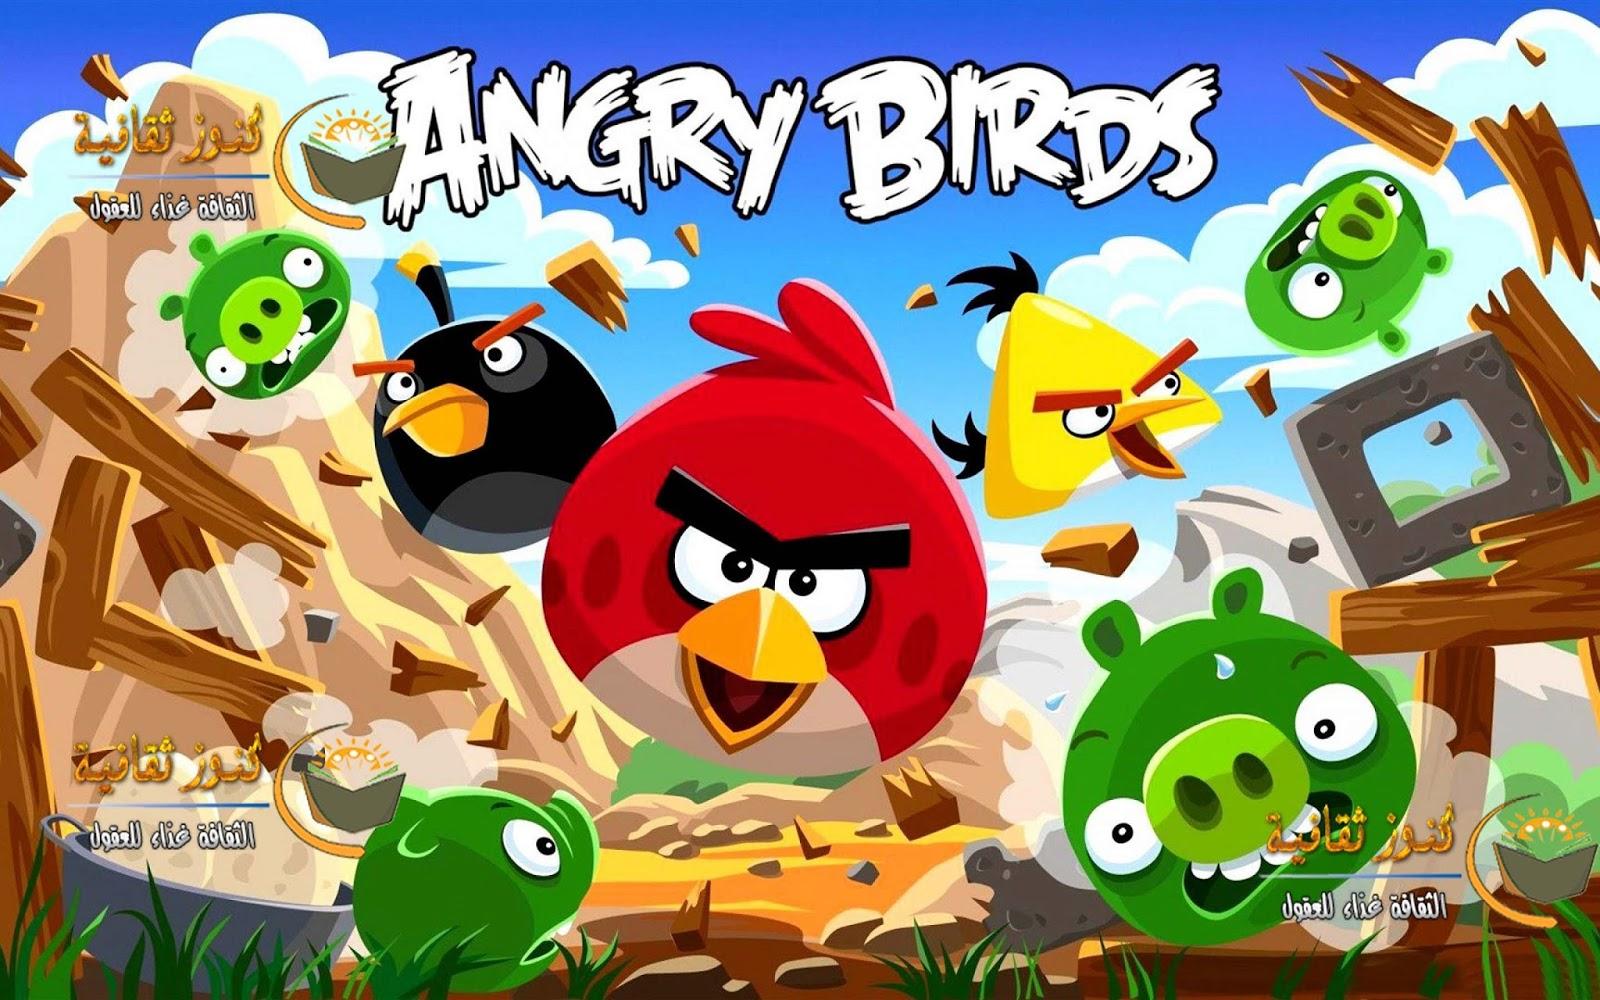 تحميل لعبة الطيور الغاضبة للكمبيوتر Angry Birds